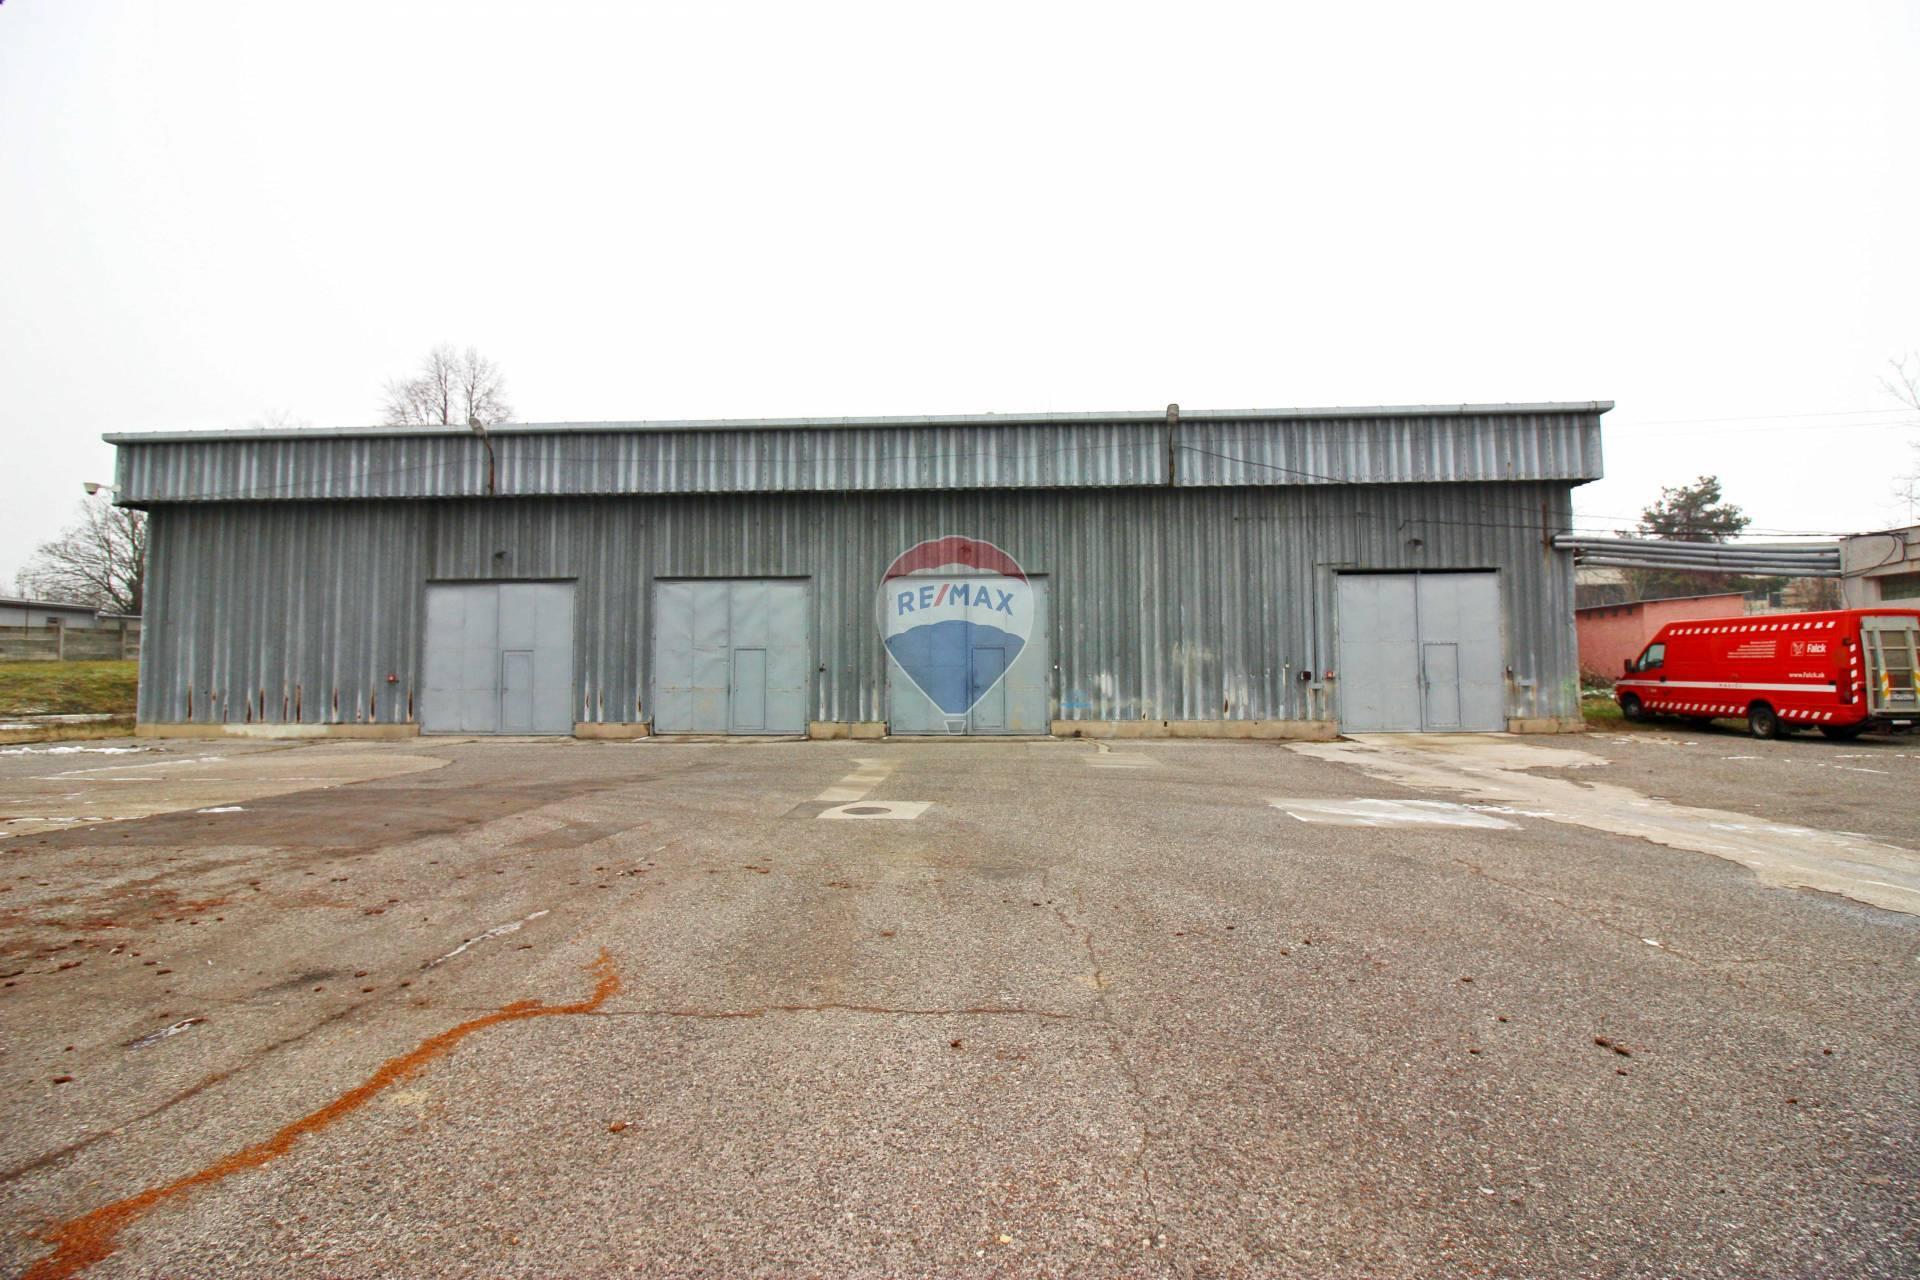 PREDAJ komerčný objekt skladová hala/ autodielňa v Smoleniciach, Trnava